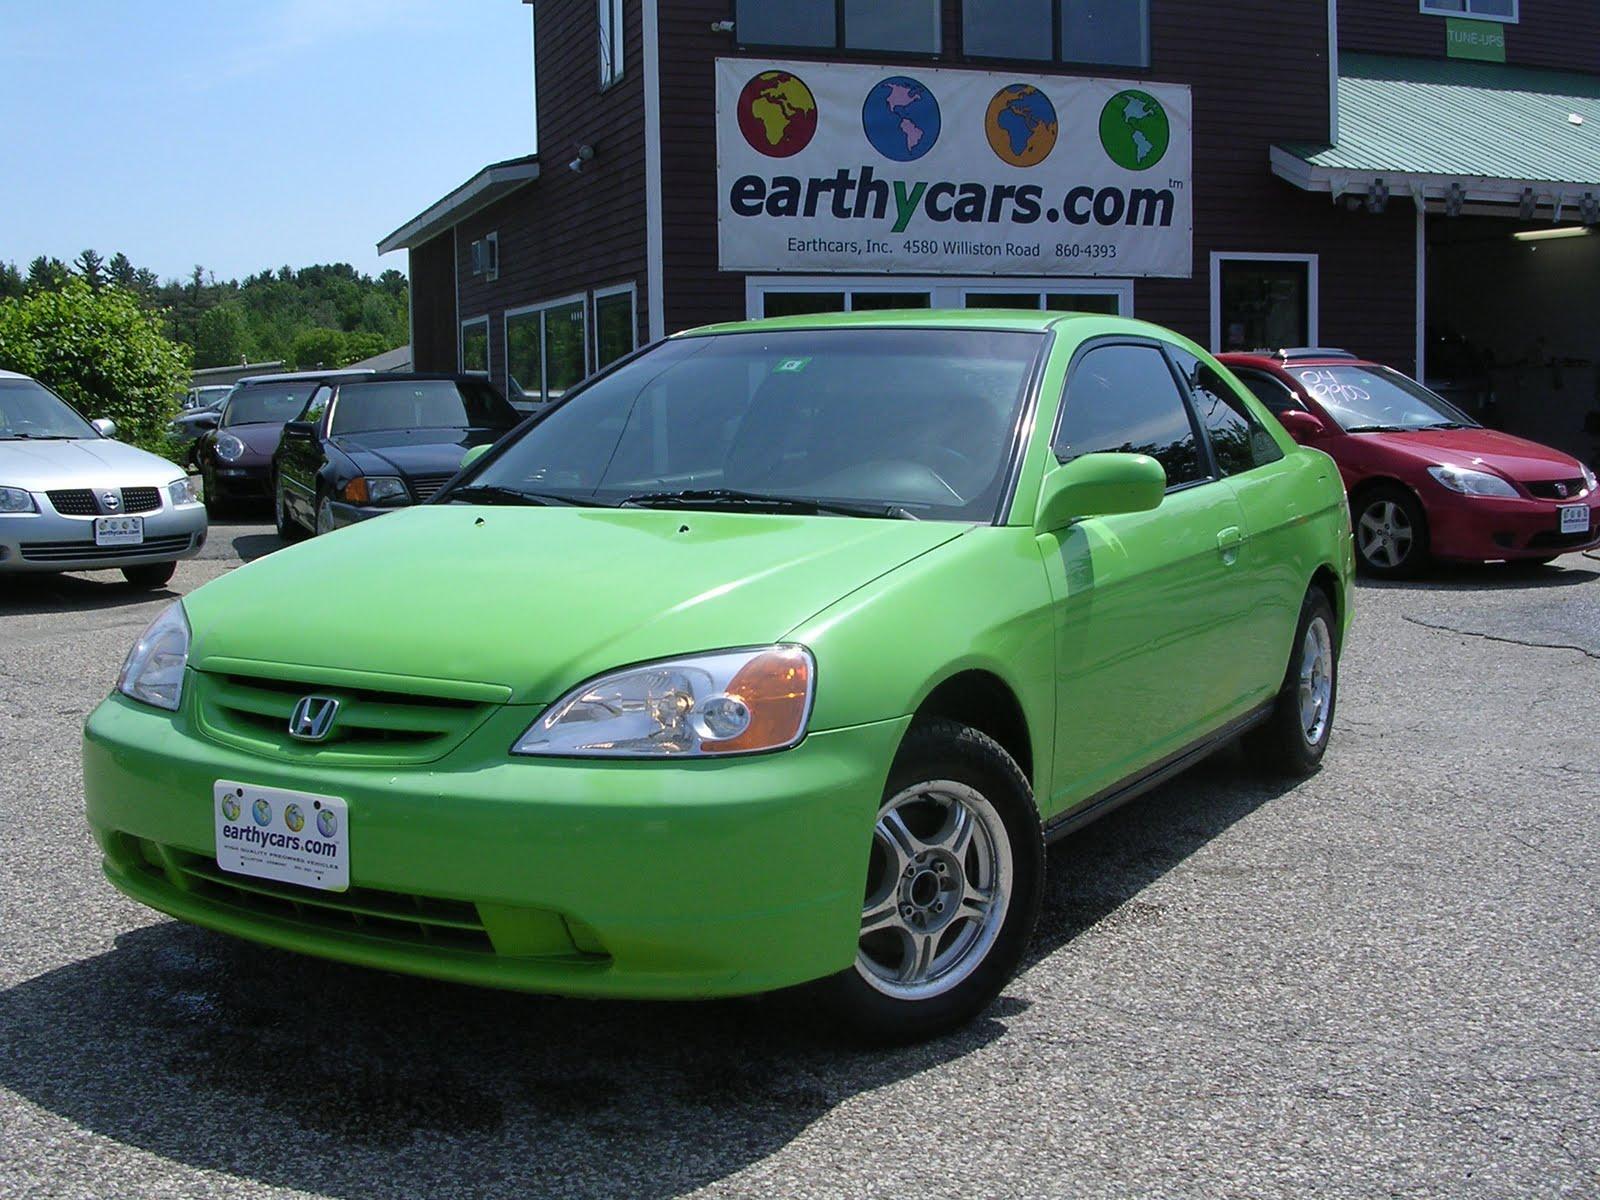 Earthy Cars Blog Earthy Cars Spotlight 06 13 2011